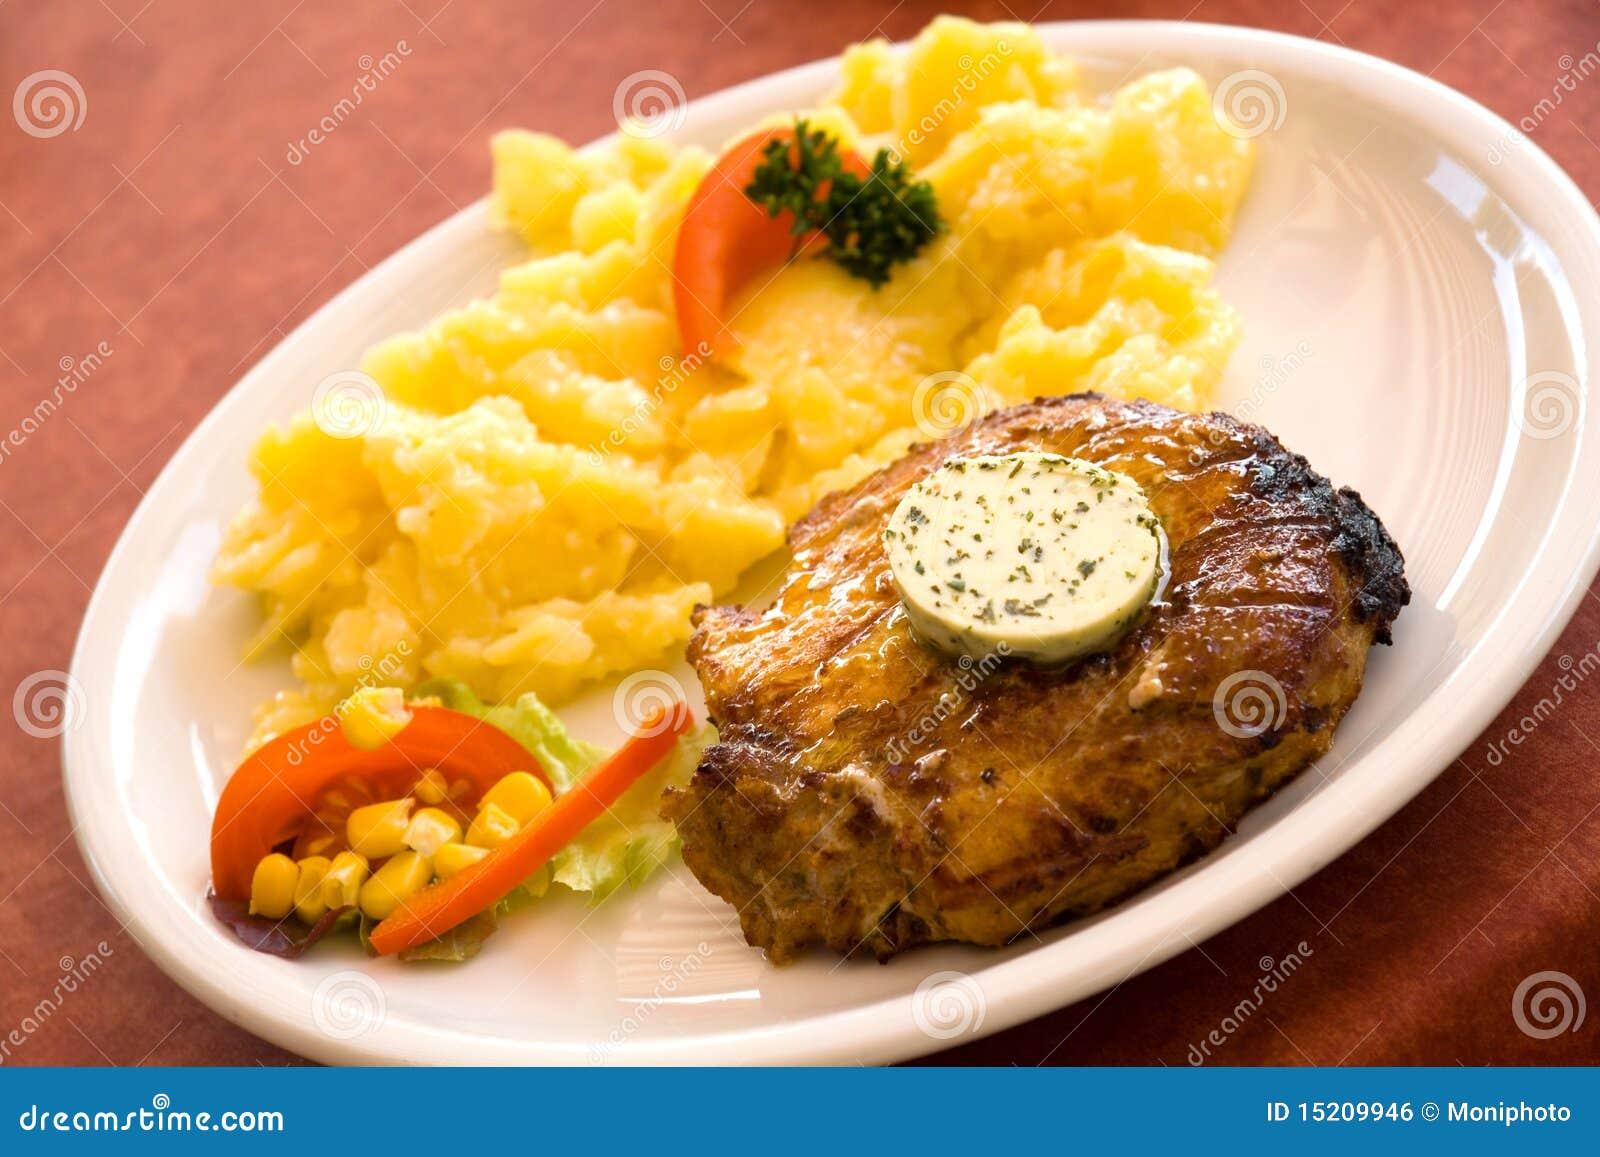 steak von schweinefleisch grillen mit salat der kartoffeln lizenzfreies stockbild bild 15209946. Black Bedroom Furniture Sets. Home Design Ideas